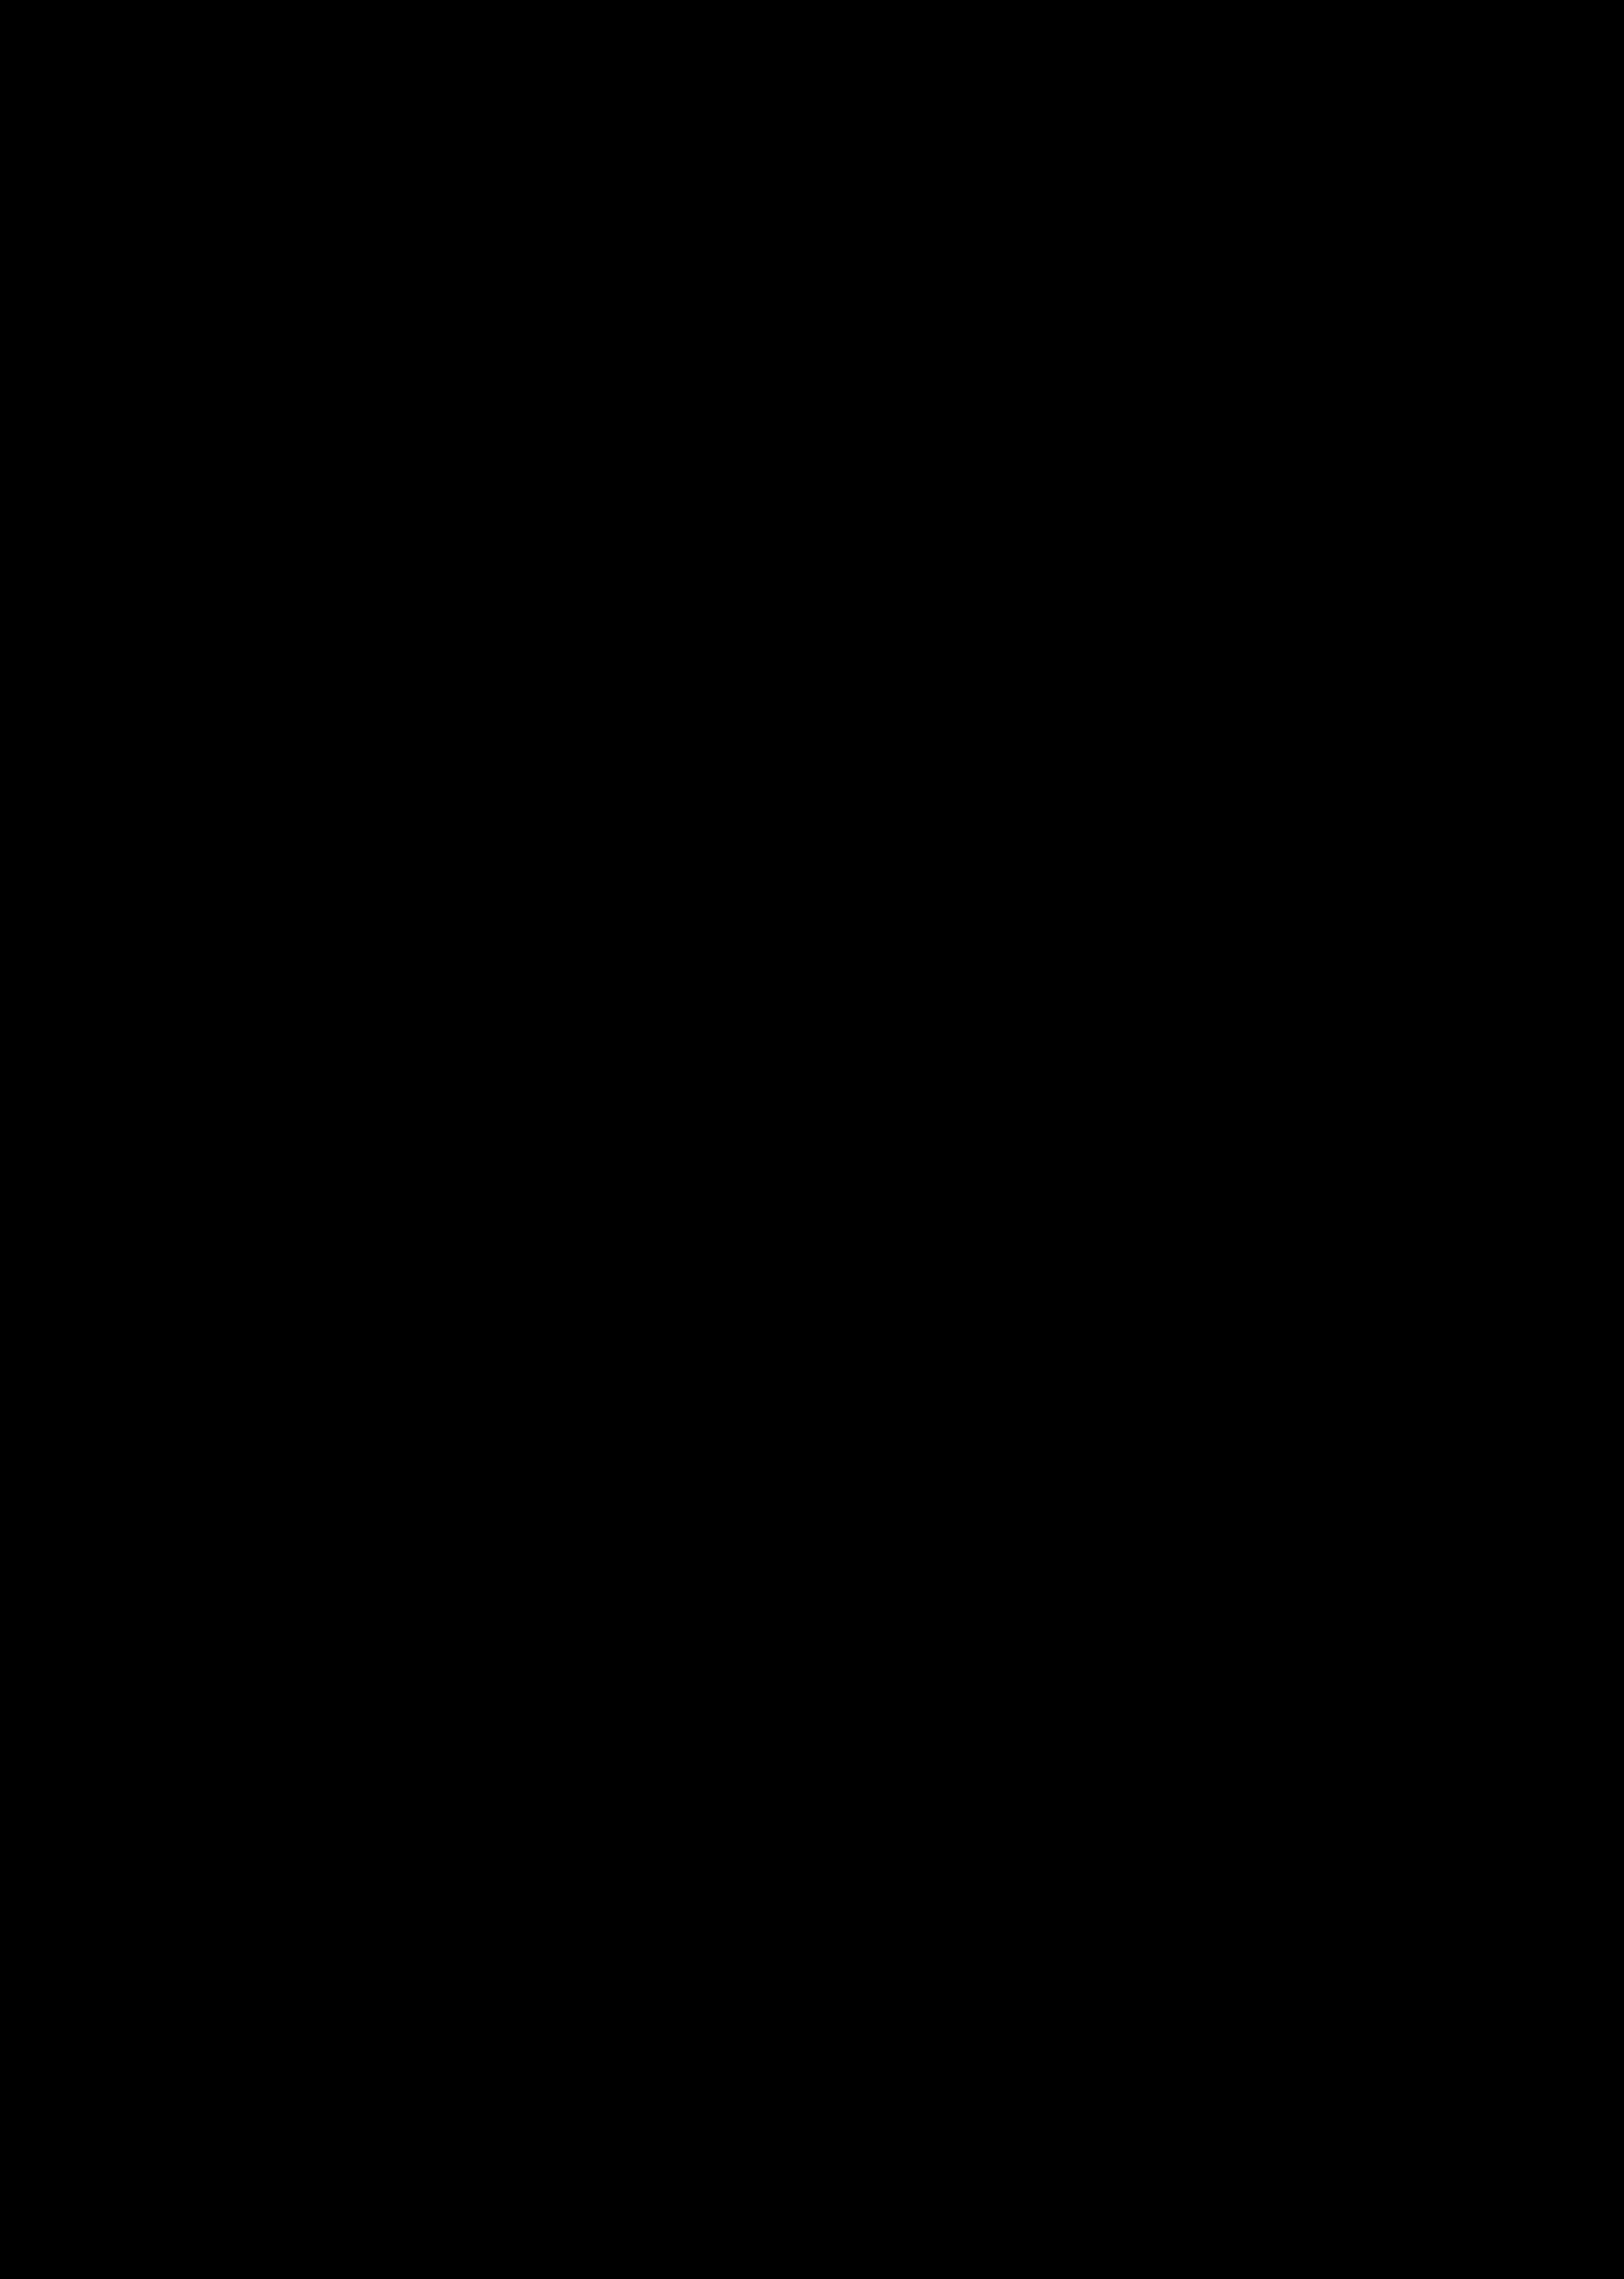 e926 absurd_res group hi_res inkling marie_(splatoon) nintendo octarian octoling official_art splatoon splatoon_2 superabsurd_res video_games